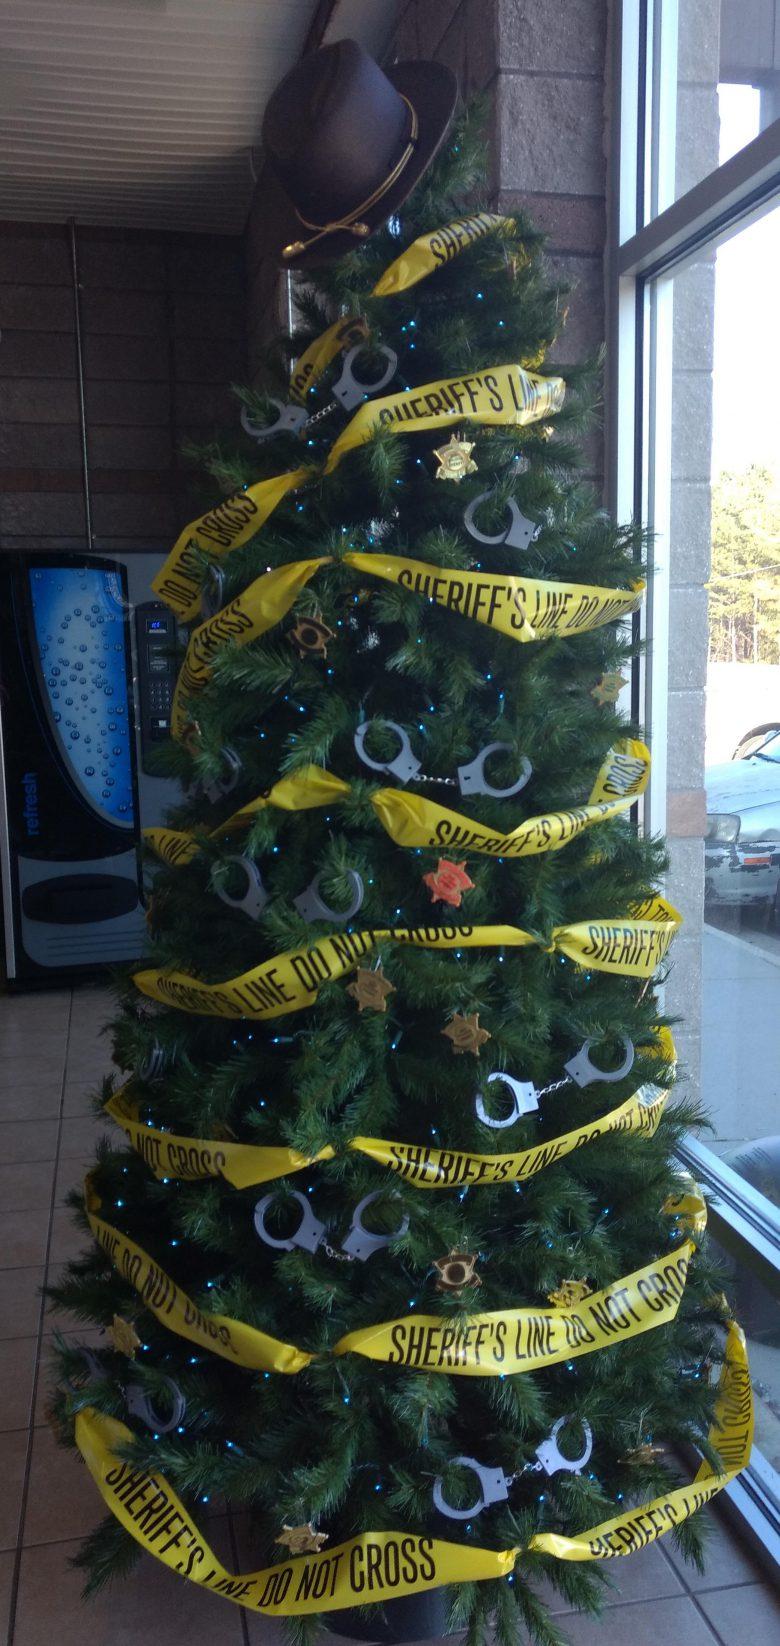 【クリスマスツリーおもしろ画像】発想がユニークな保安官事務所のクリスマスツリー(笑)